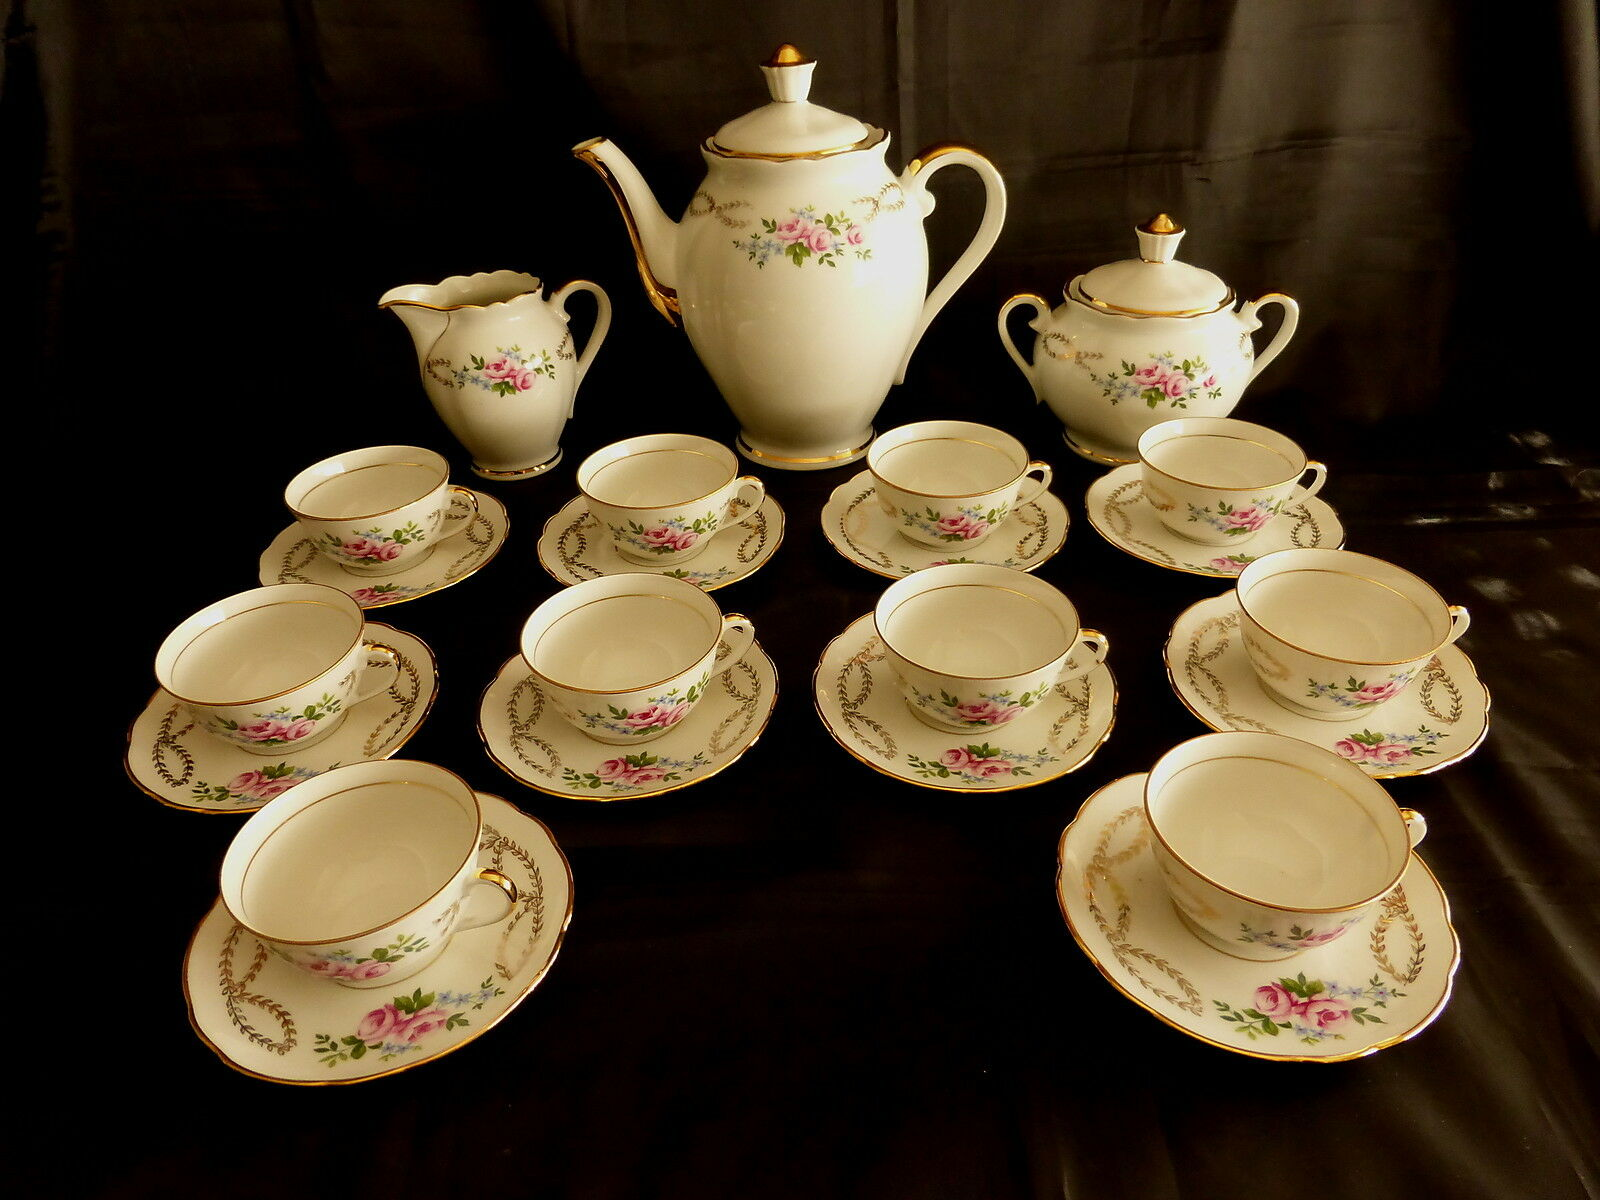 Service à café en porcelaine,décor floral et liseré doré,10 personnes